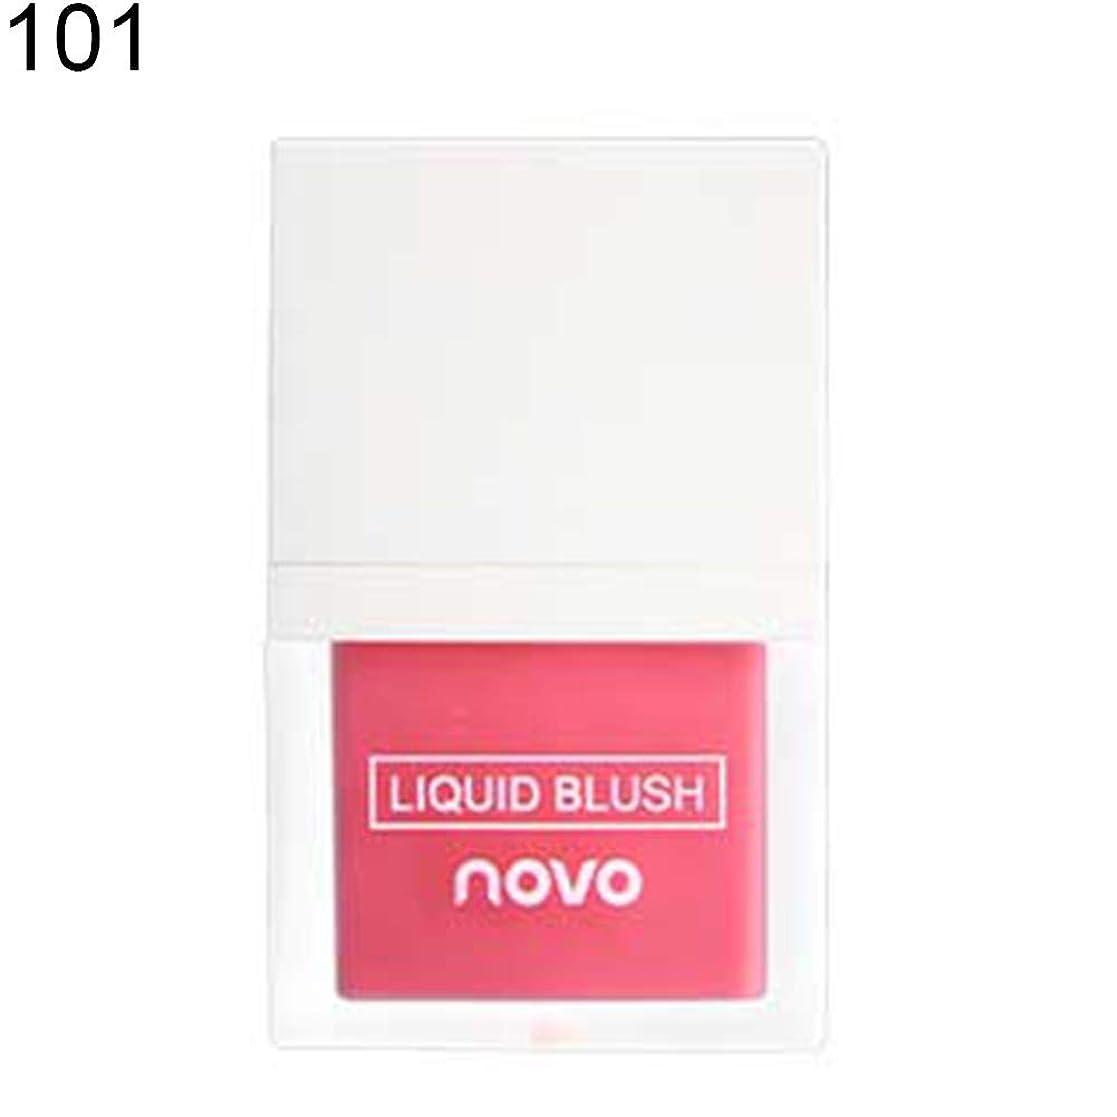 繊維驚き語NOVO輝く長続きがする液体赤面保湿ナチュラルフェイス輪郭メイク - 1